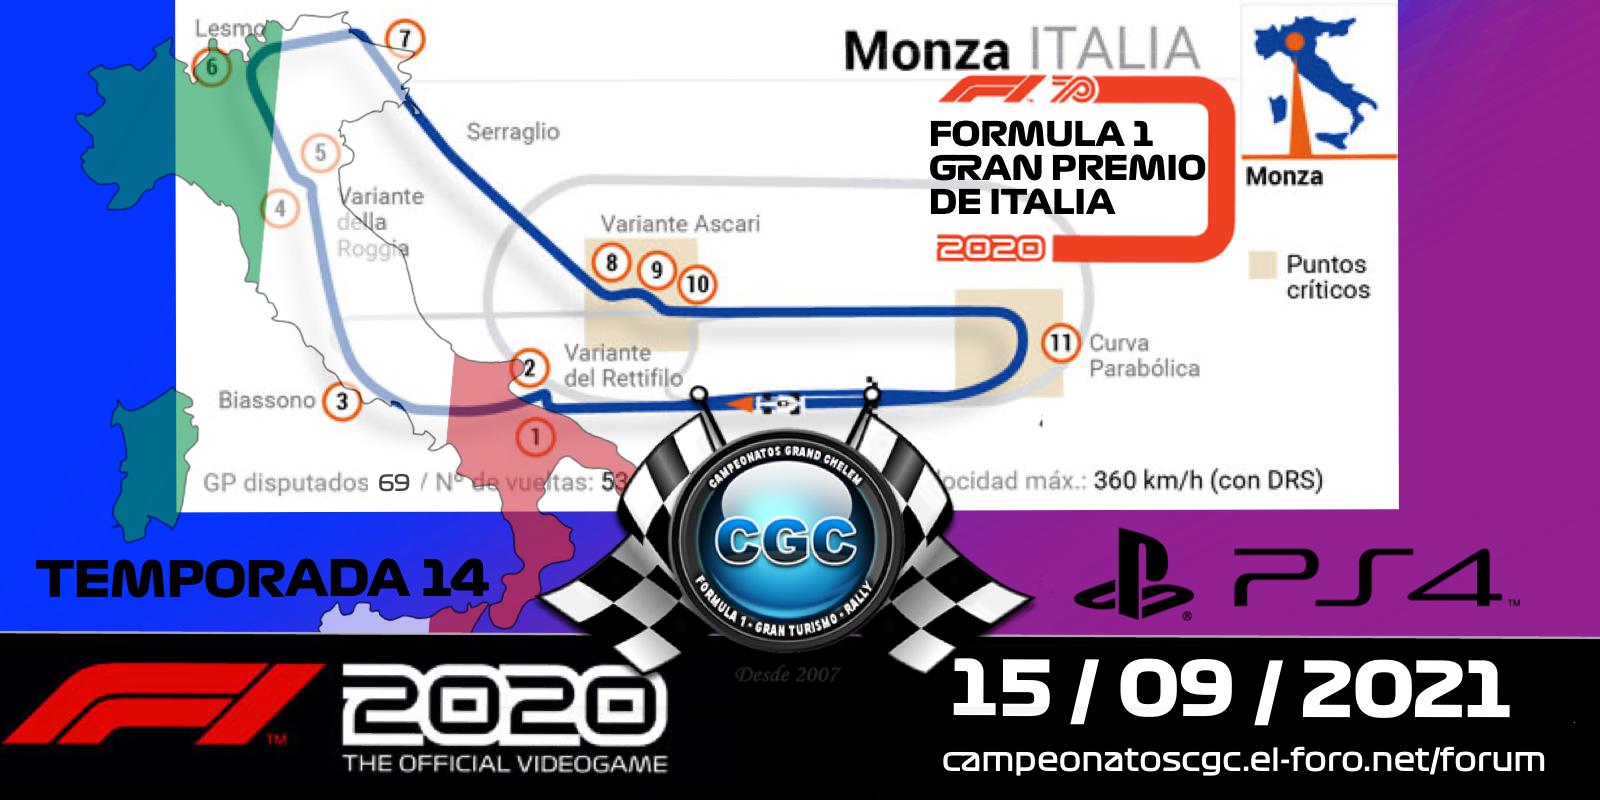 19 - GP de ITALIA 15/09/2021 QOZlwL4